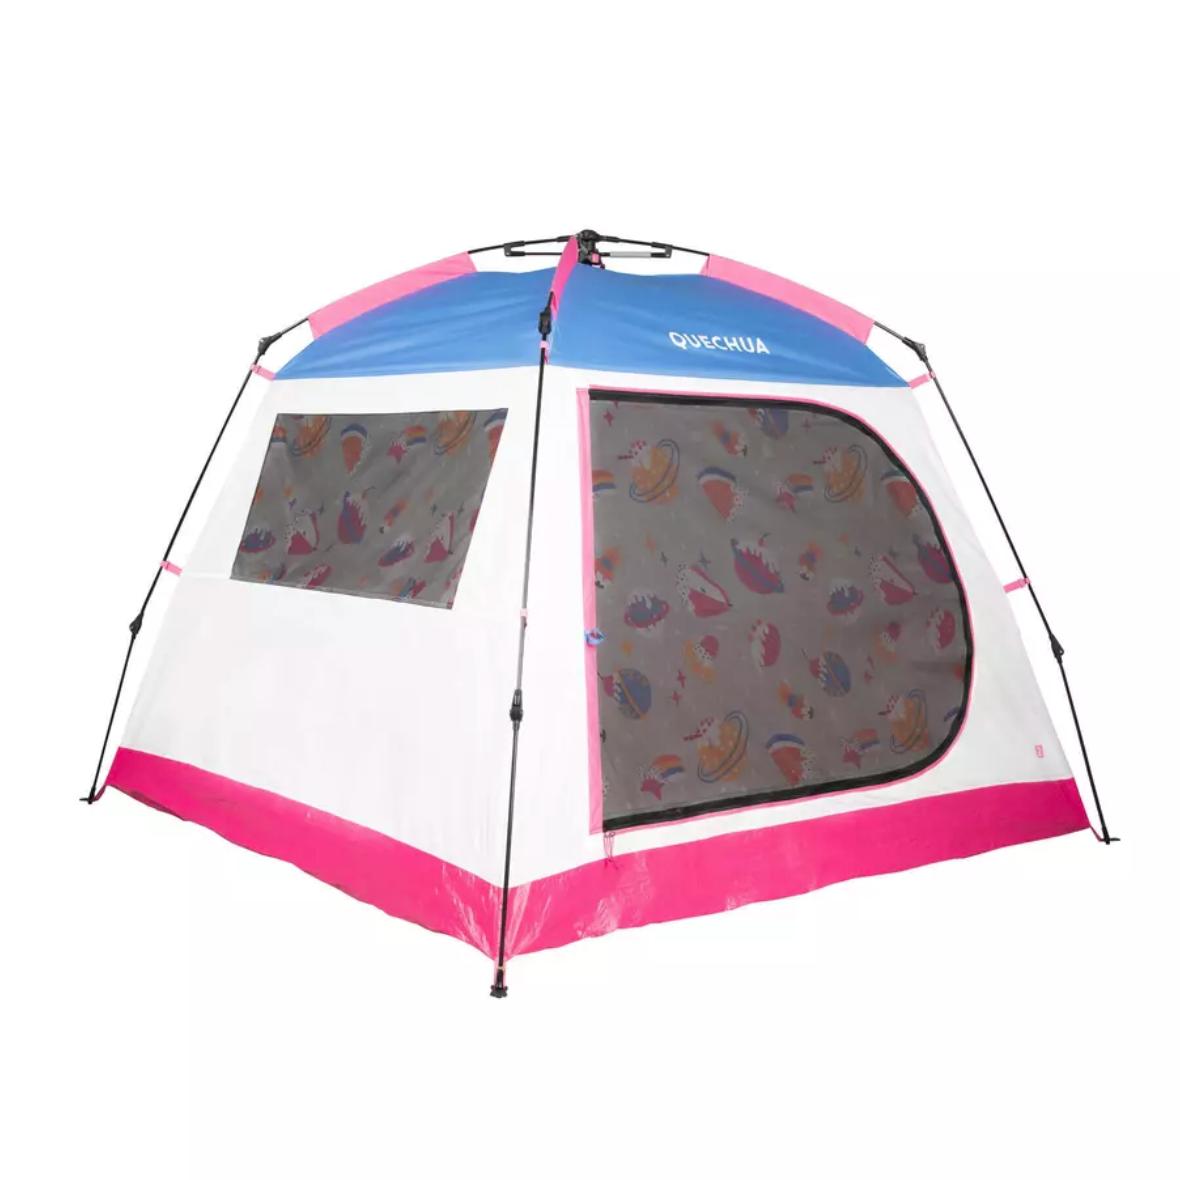 DECATHLON 迪卡儂 8641949 遮陽篷